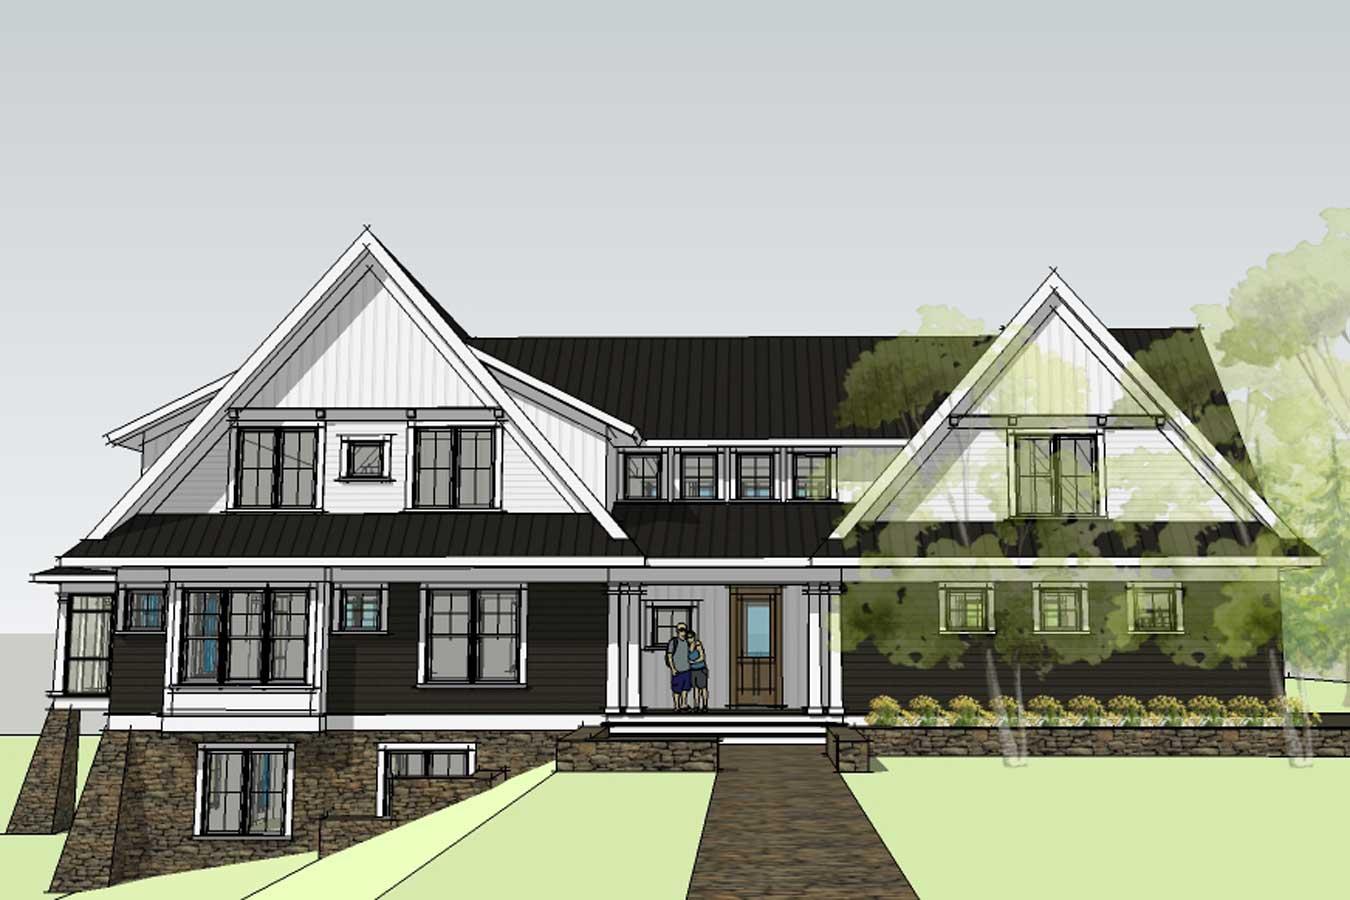 simply elegant home designs blog august 2011. Black Bedroom Furniture Sets. Home Design Ideas